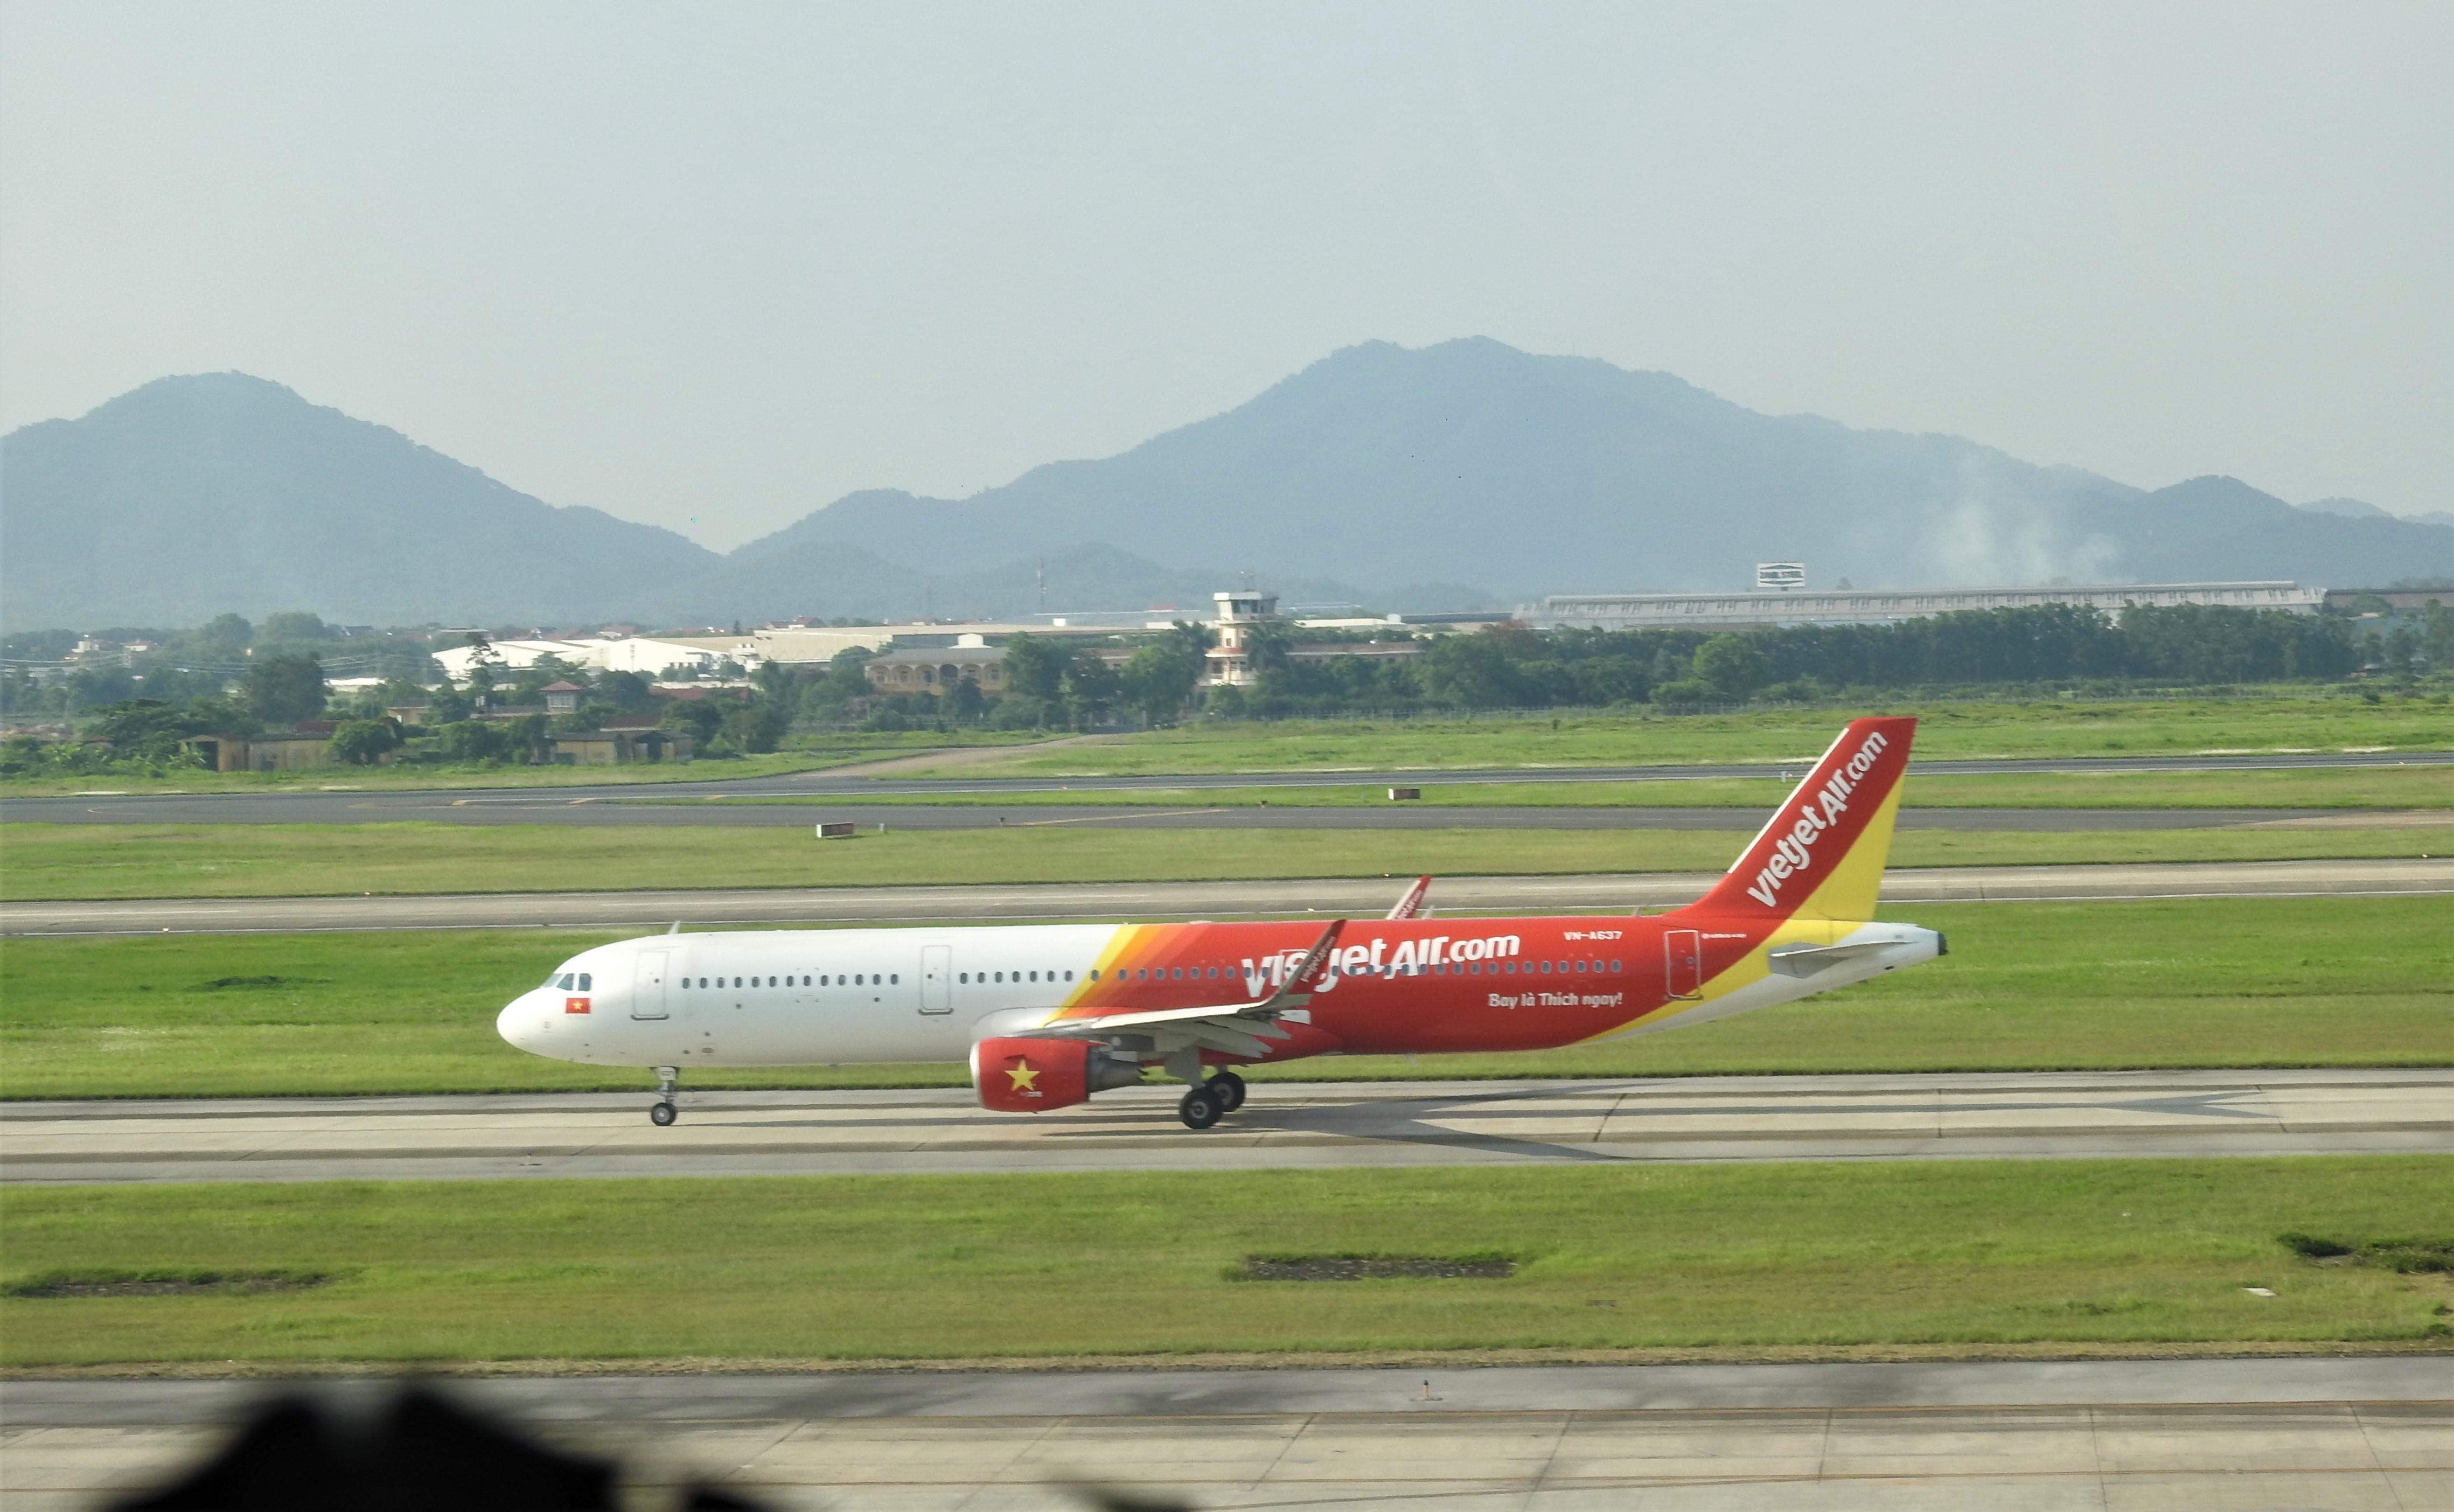 Cấm bay 12 tháng với nữ hành khách ném điện thoại vào tiếp viên - Ảnh 1.